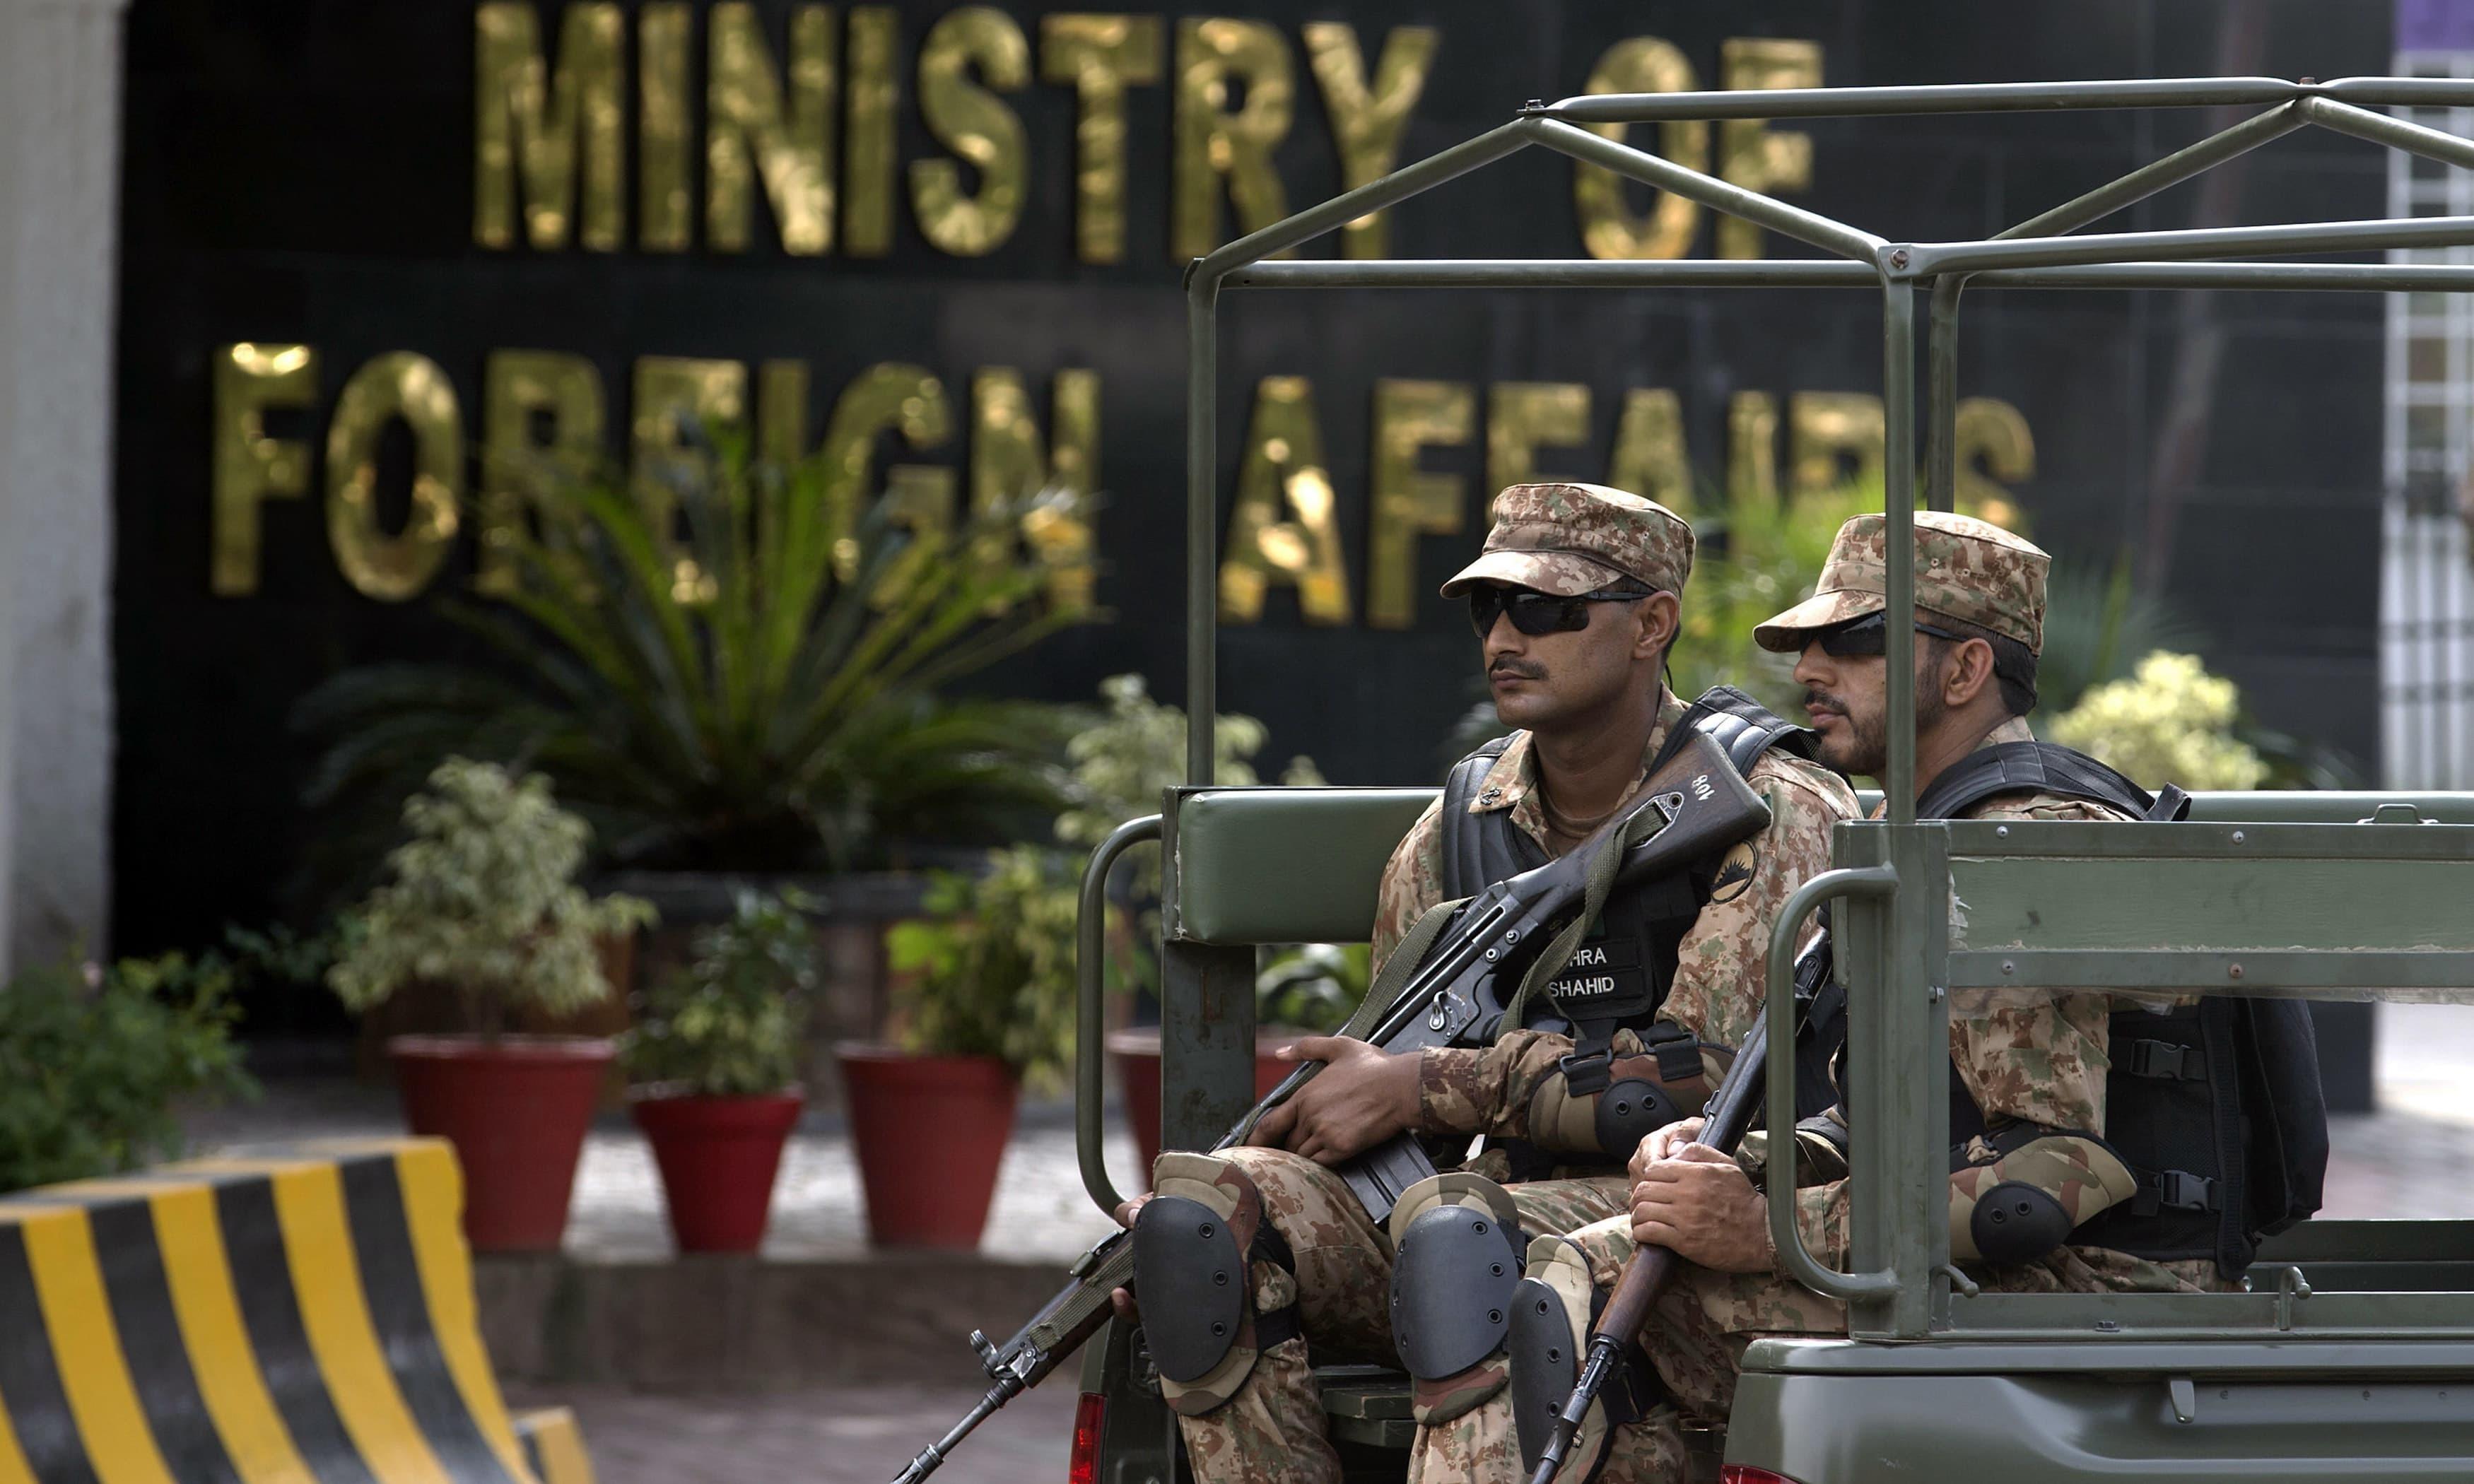 سینئر بھارتی سفارتکار کو طلب کر کے احتجاج کیا گیا— فائل فوٹو: اے پی